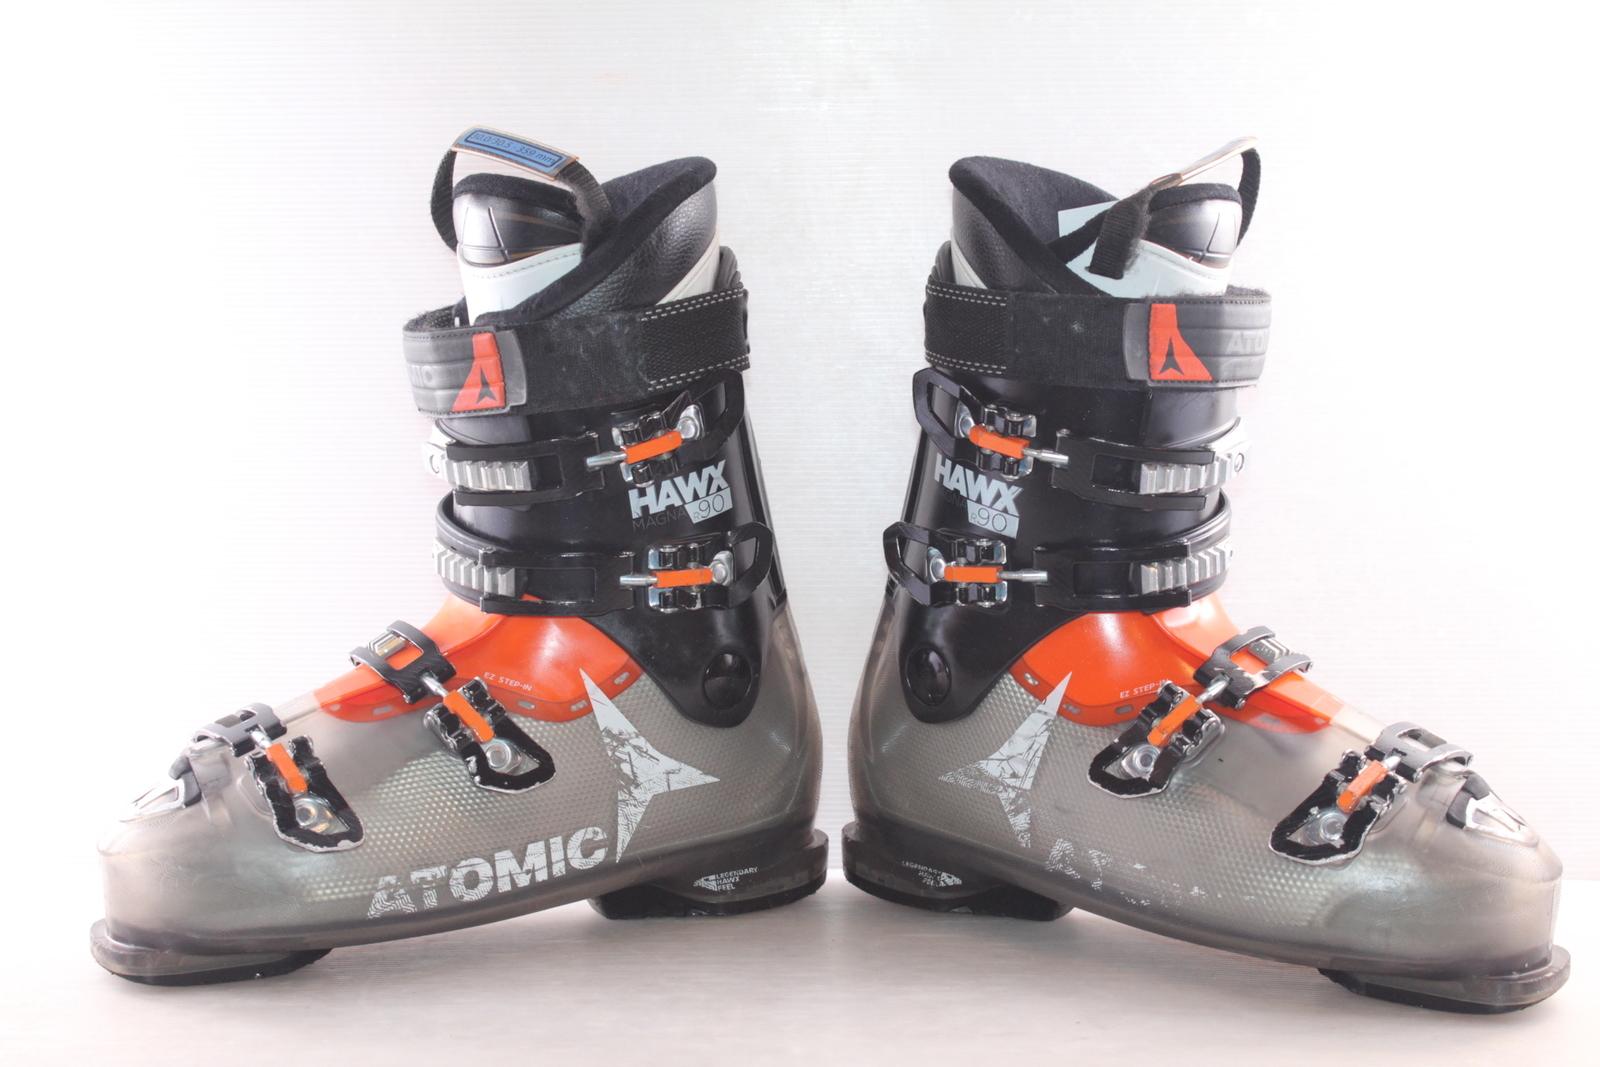 Lyžařské boty Atomic Hawx Magna R90 vel. EU46.5 flexe 90